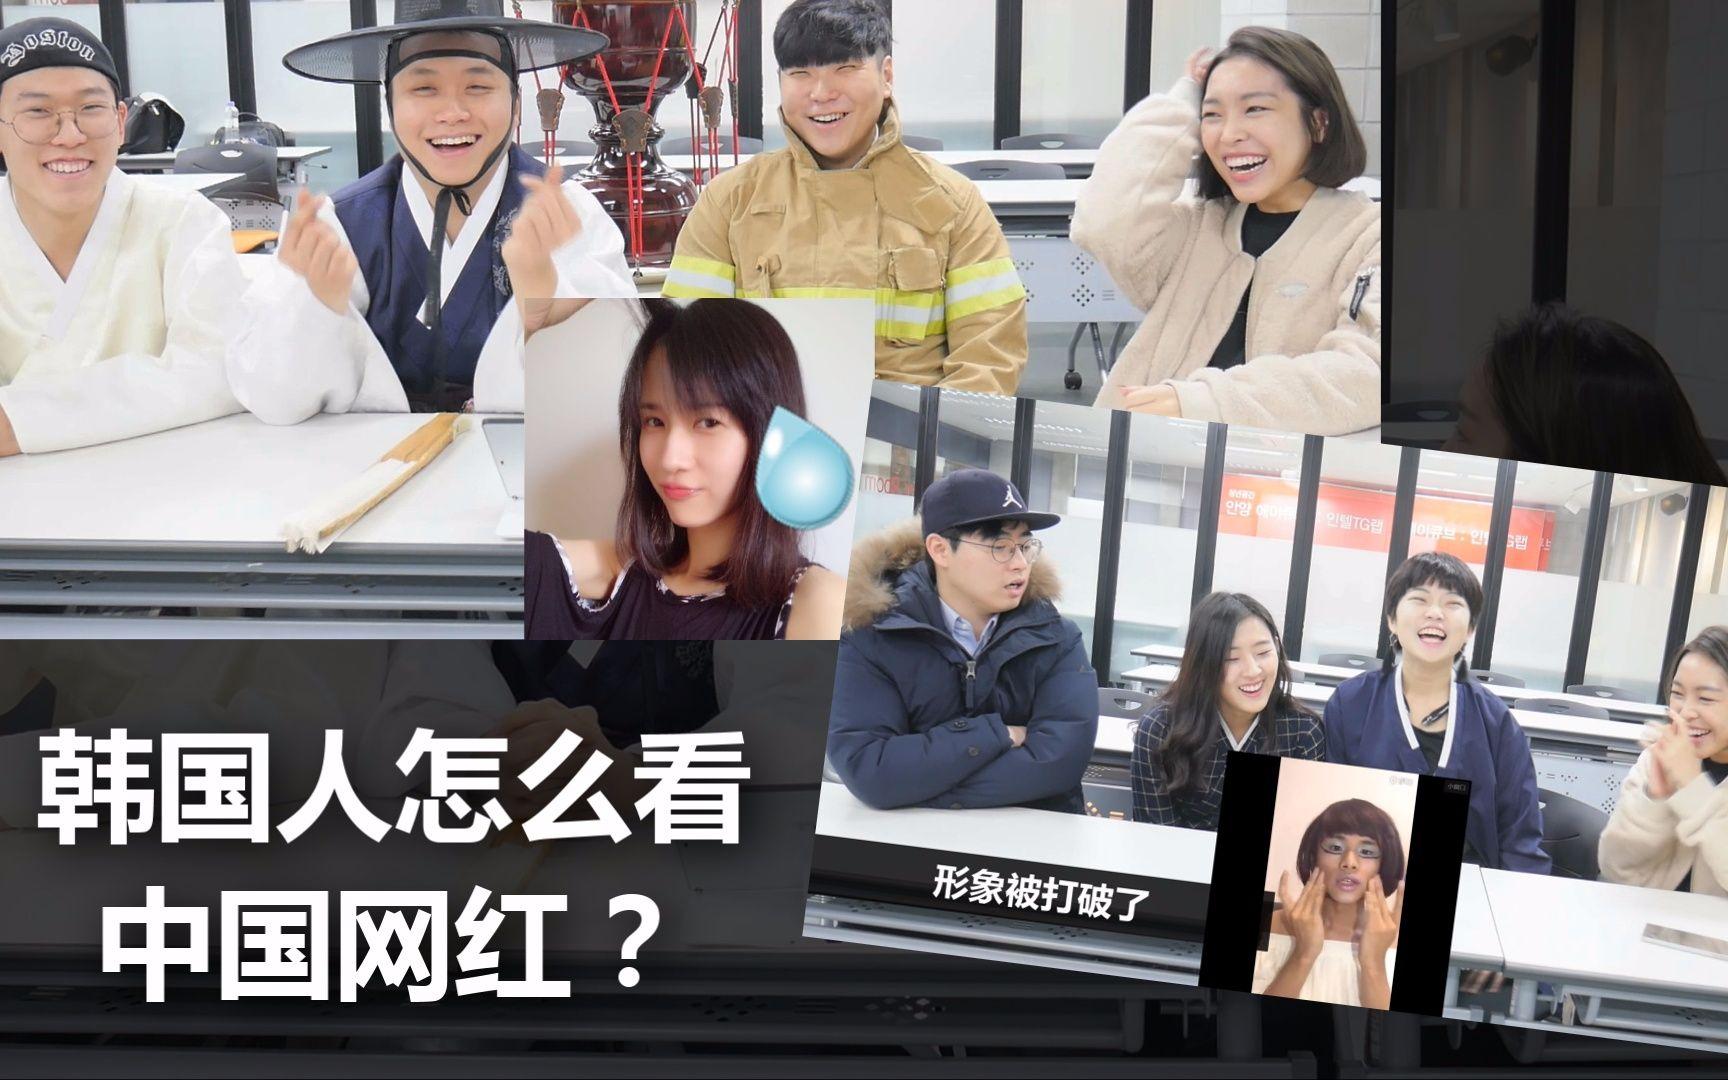 【韩国东东看中国】当韩国人第一次接触中国网红